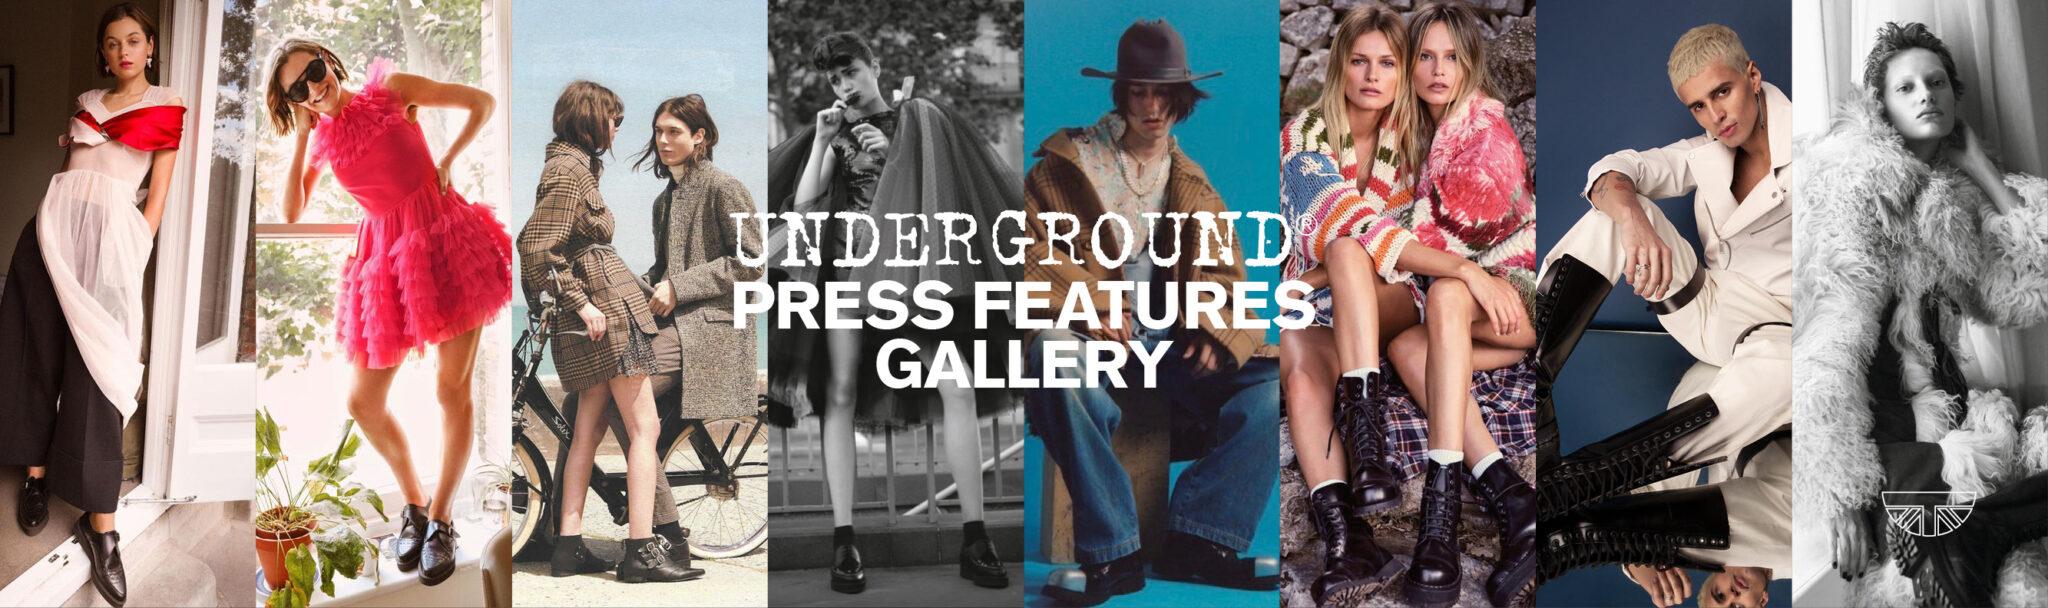 Underground England Press Features Gallery banner